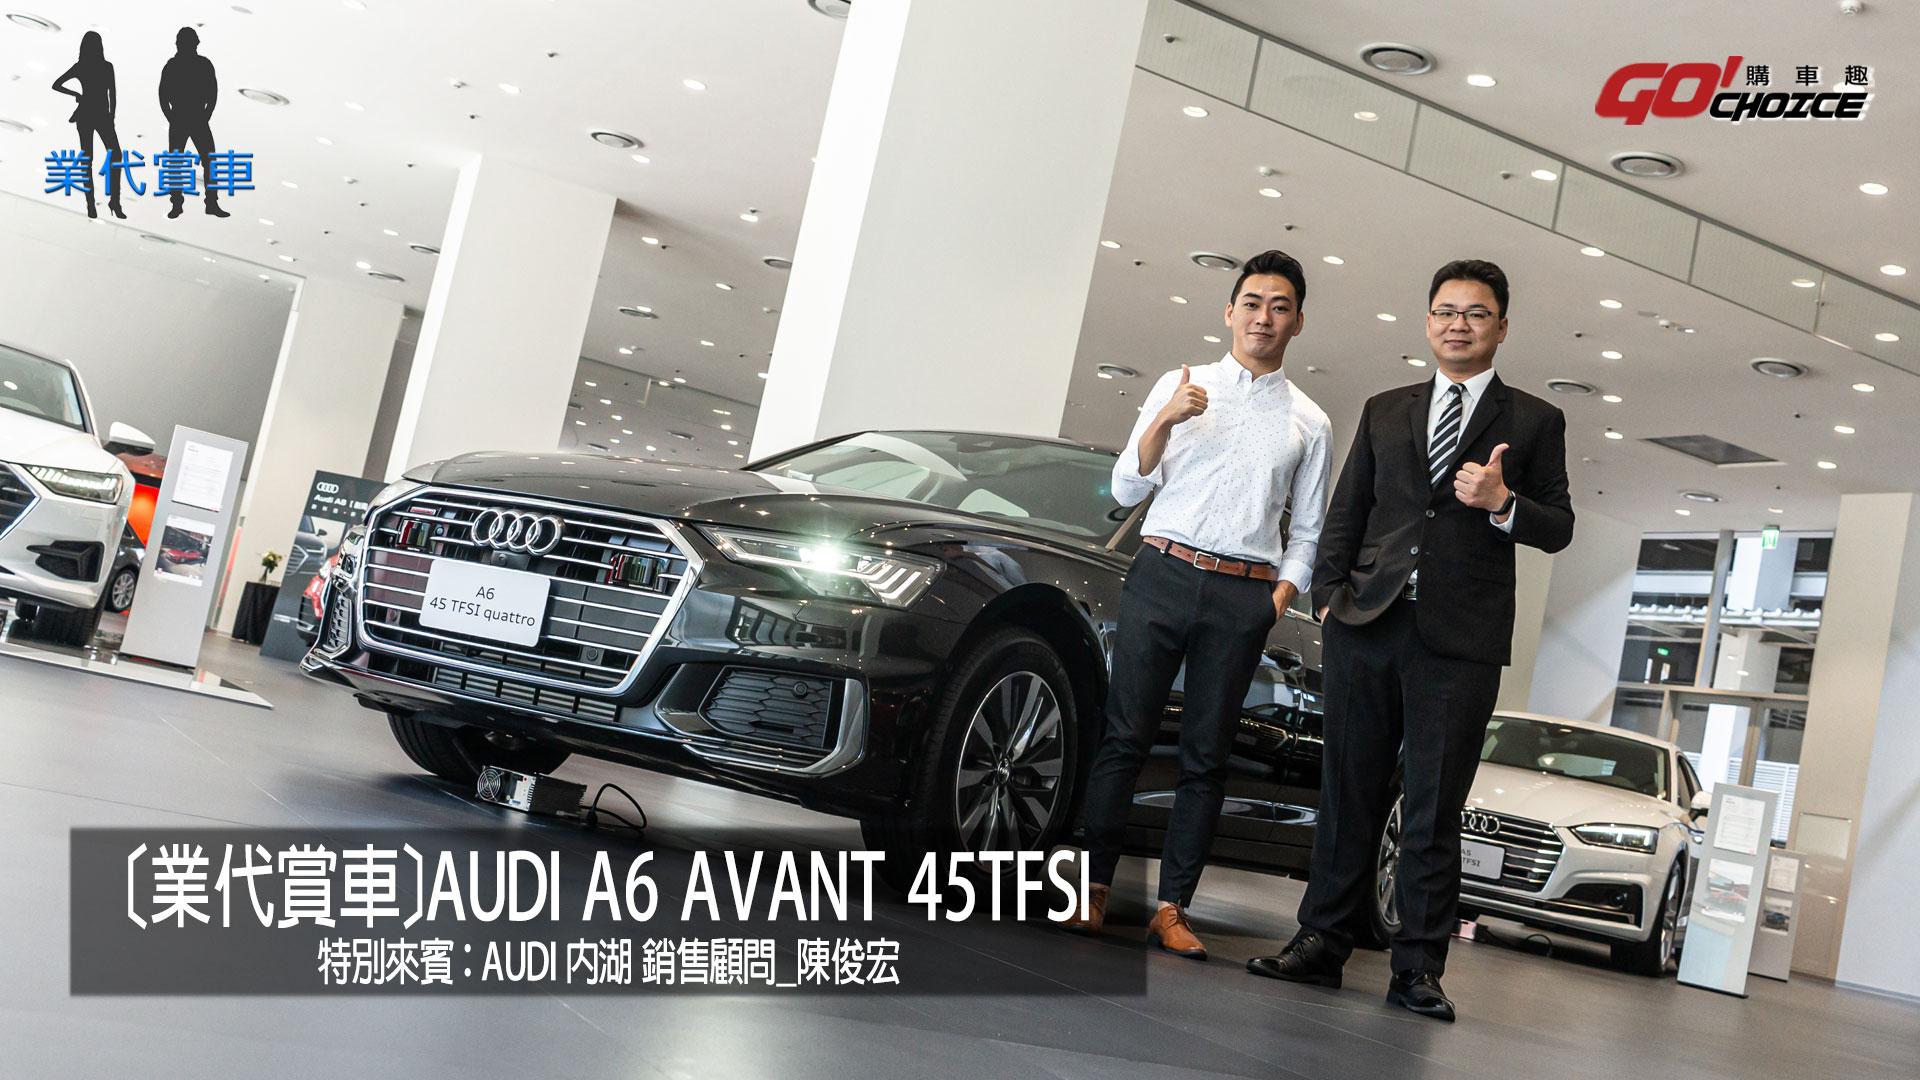 業代賞車-AUDI A6 AVANT 45TFSI-銷售顧問 AUDI 內湖_ 陳俊宏